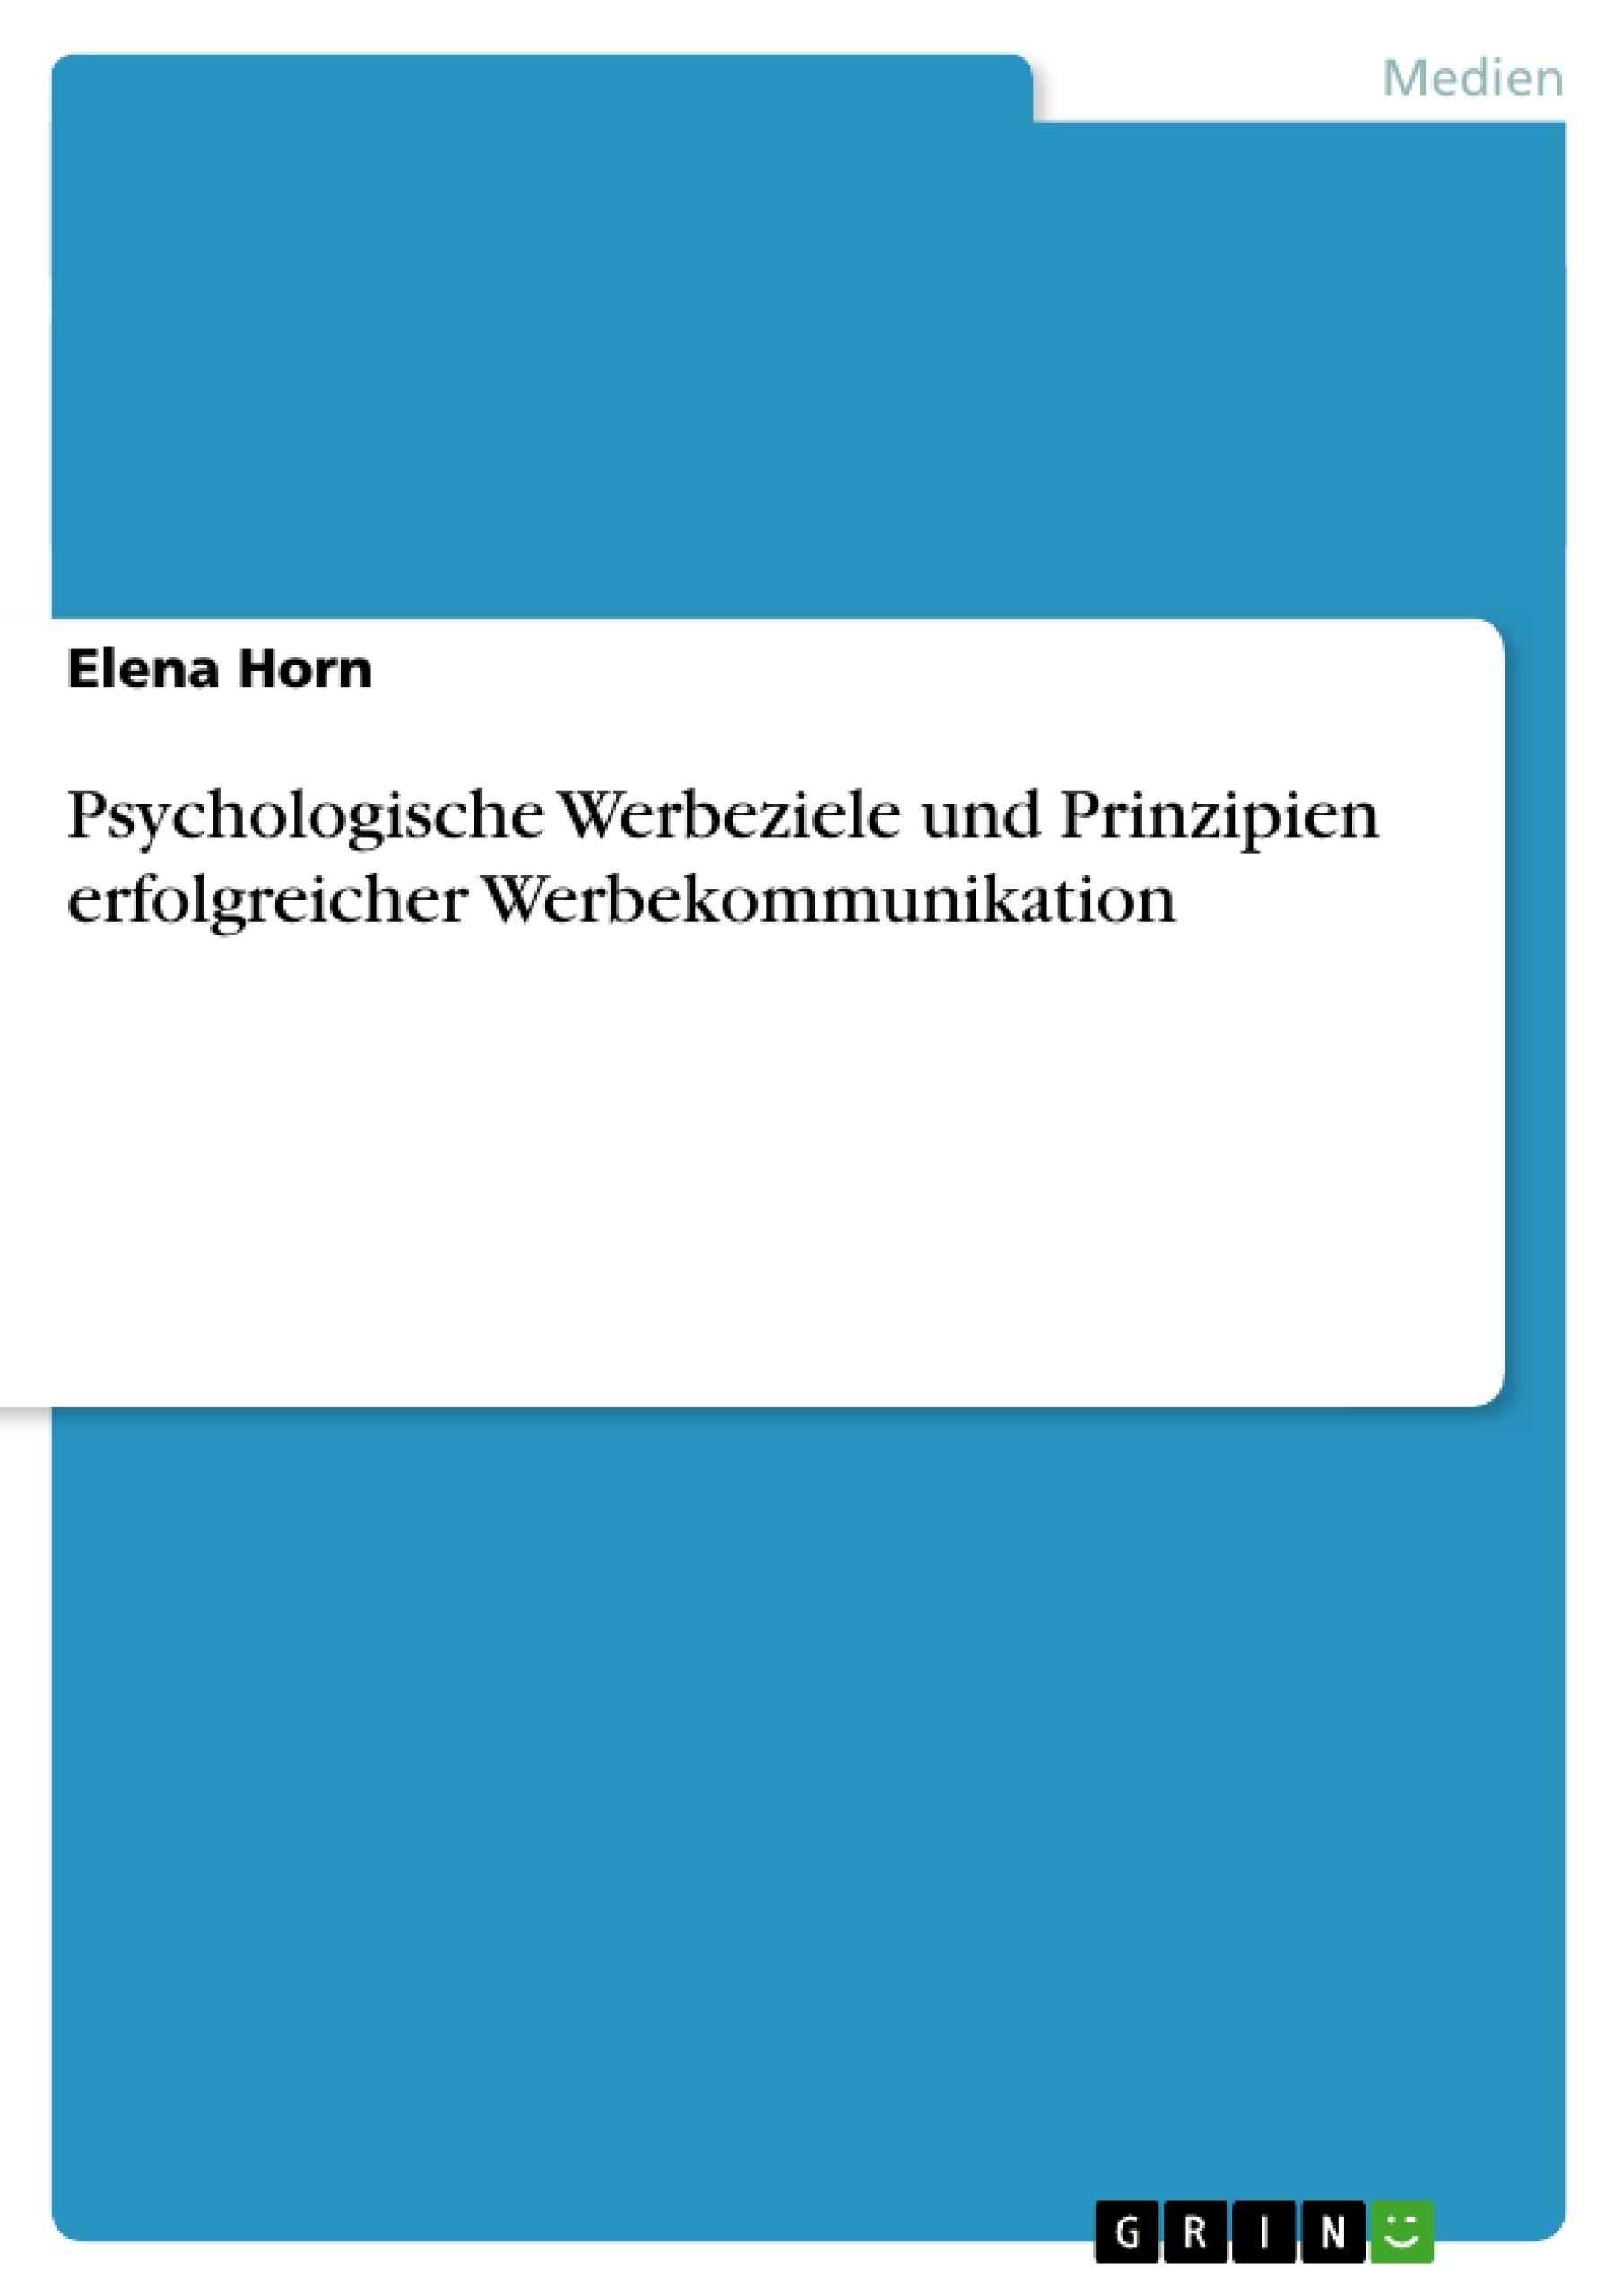 Titel: Psychologische Werbeziele und Prinzipien erfolgreicher Werbekommunikation